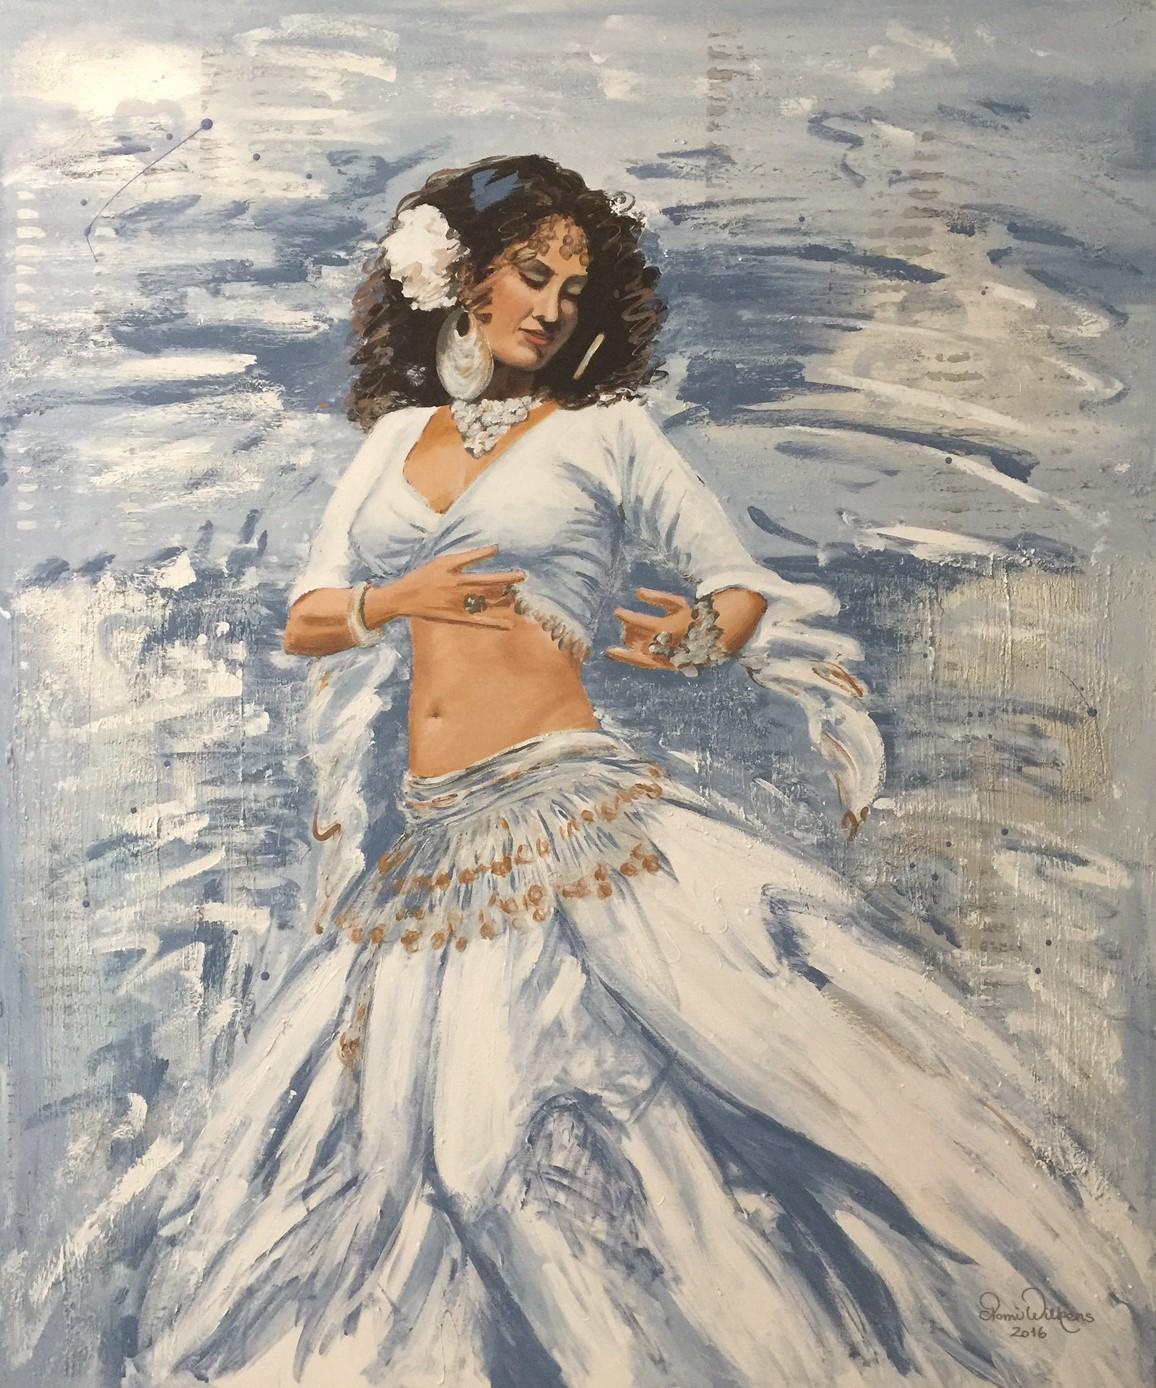 Samba-danserinde-100x120cm